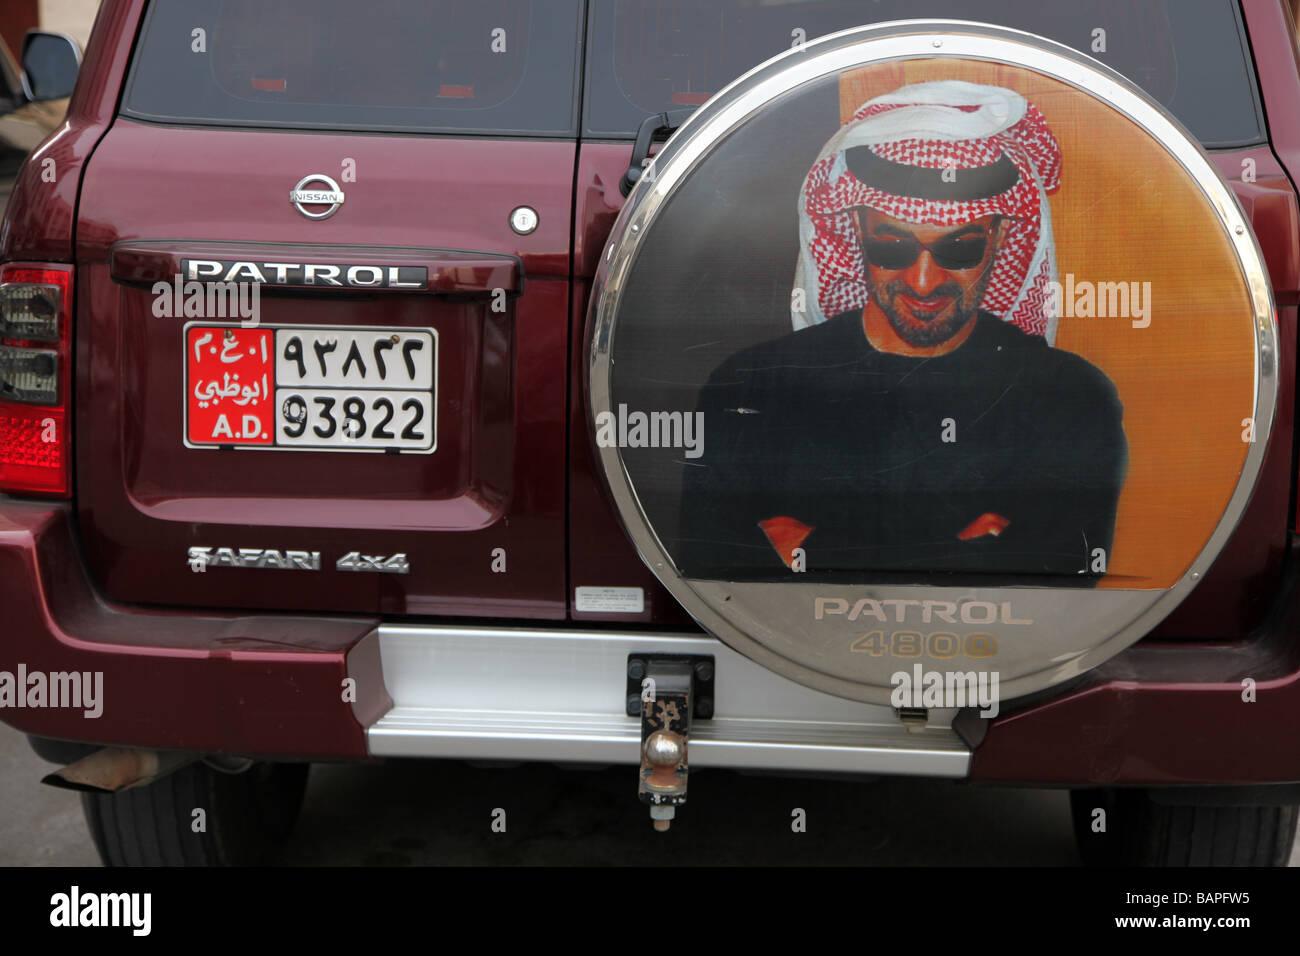 typical bumper decoration on a Nissan Patrol Safari 4x4 Abu Dhabi